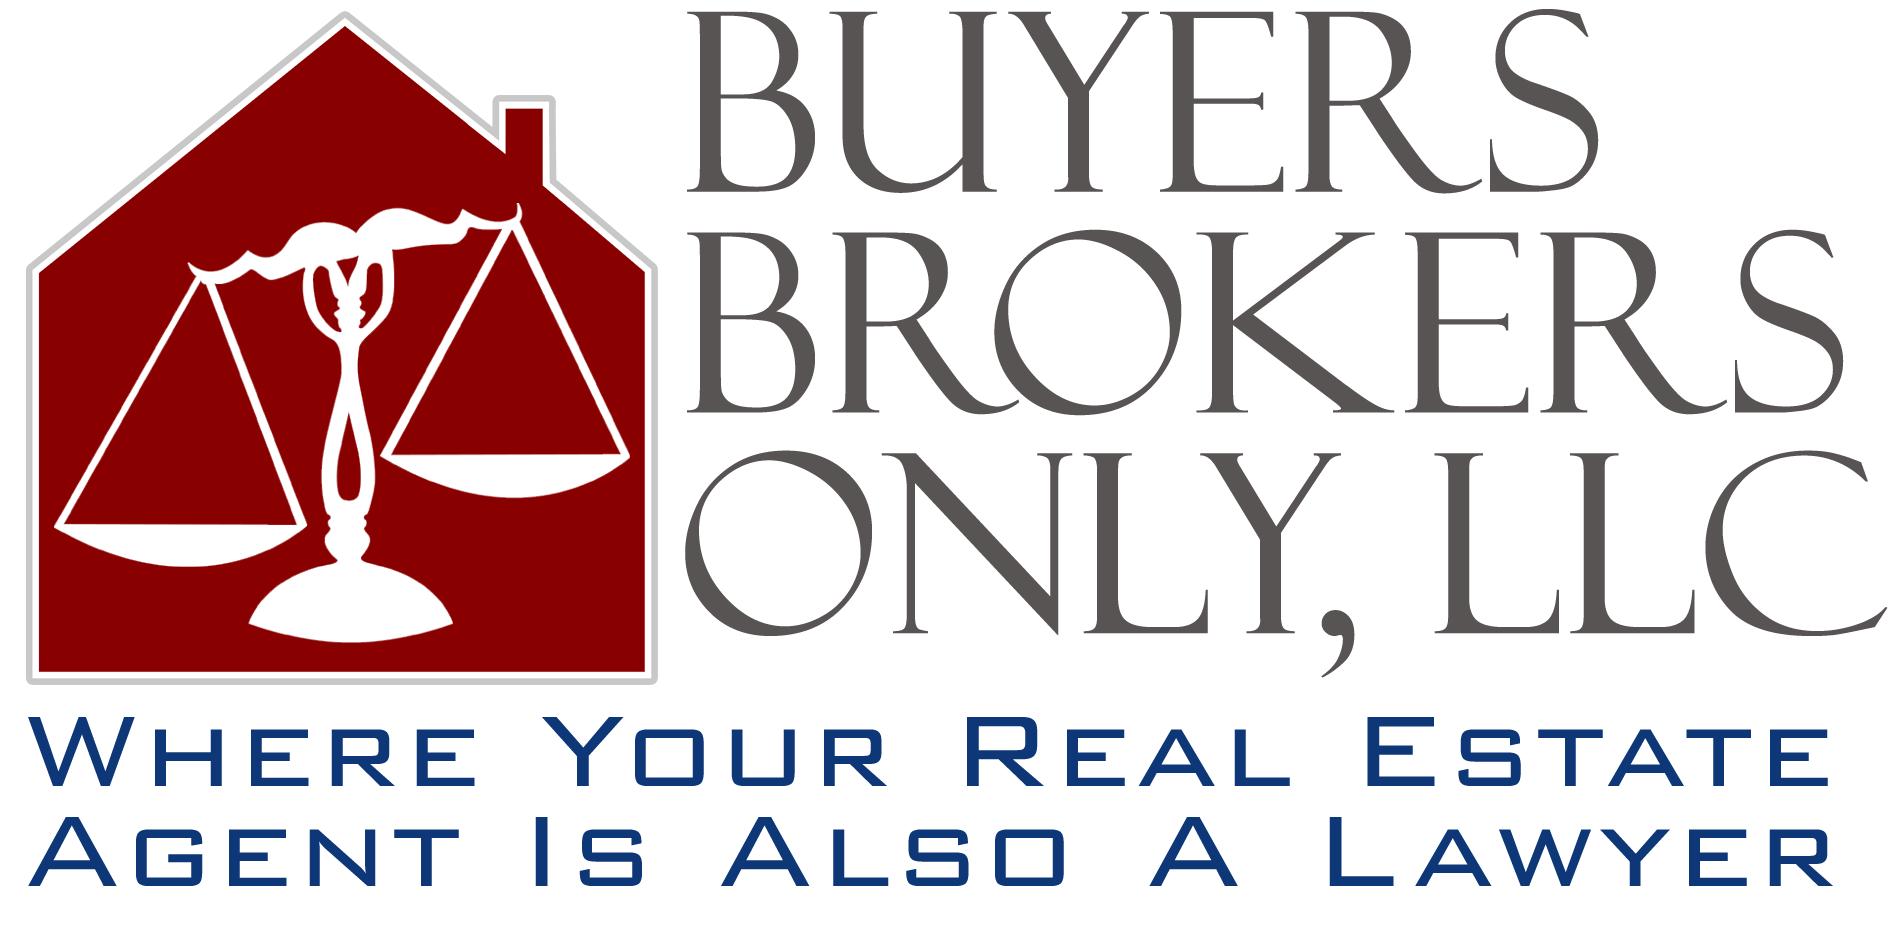 Buyers Brokers Only, LLC - Exclusive Buyer Brokers